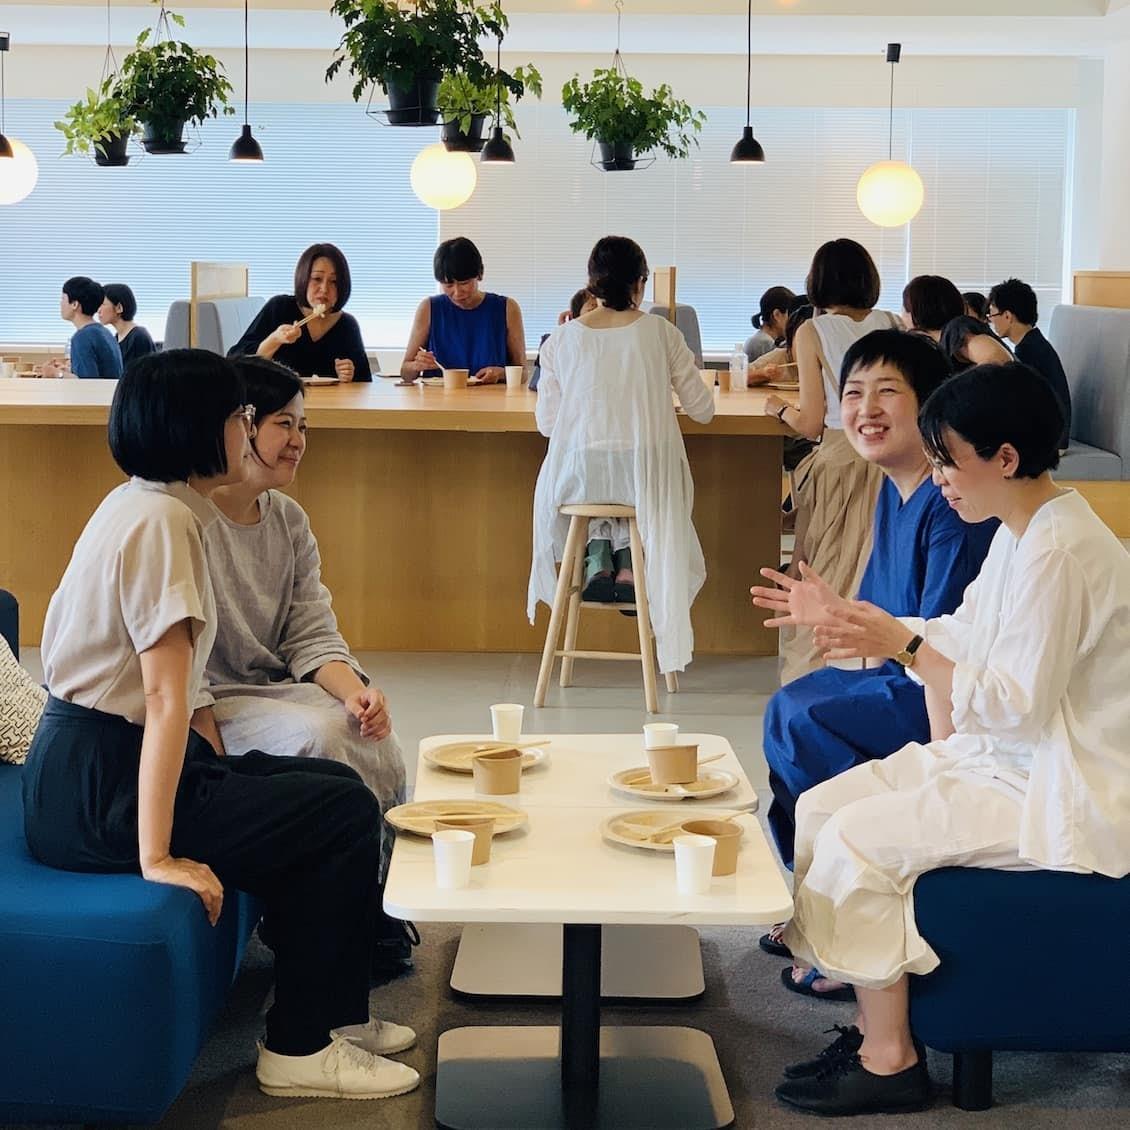 【クラシコムの社員食堂】ポテサラには半熟卵をのせて。賑やかな社食風景をお届けします!